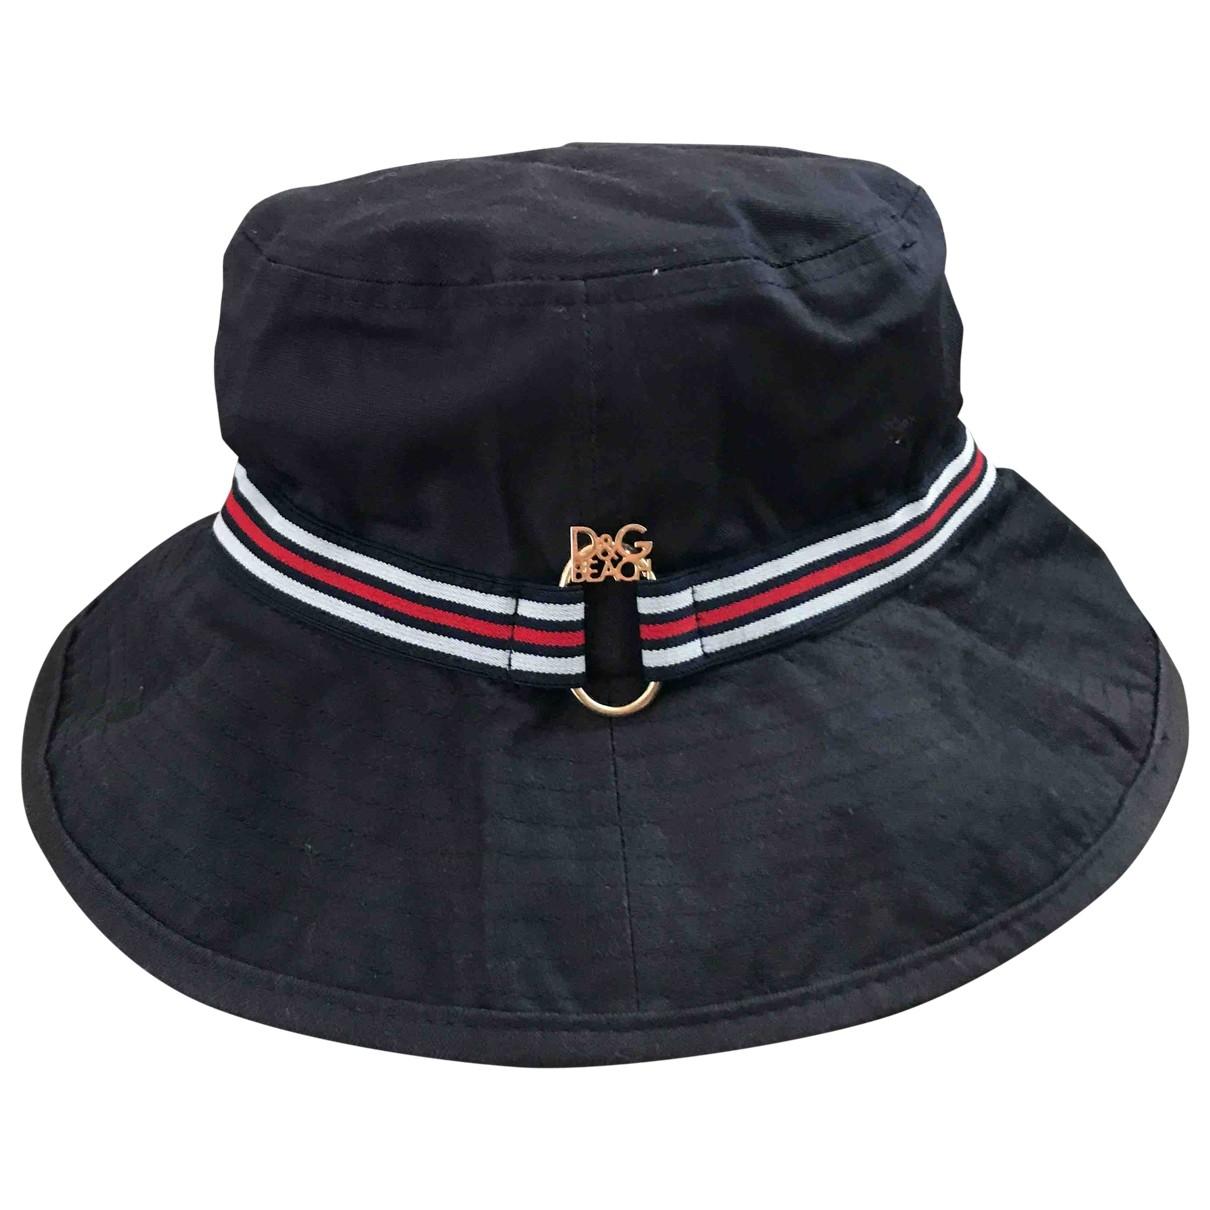 Sombrero / gorro D&g